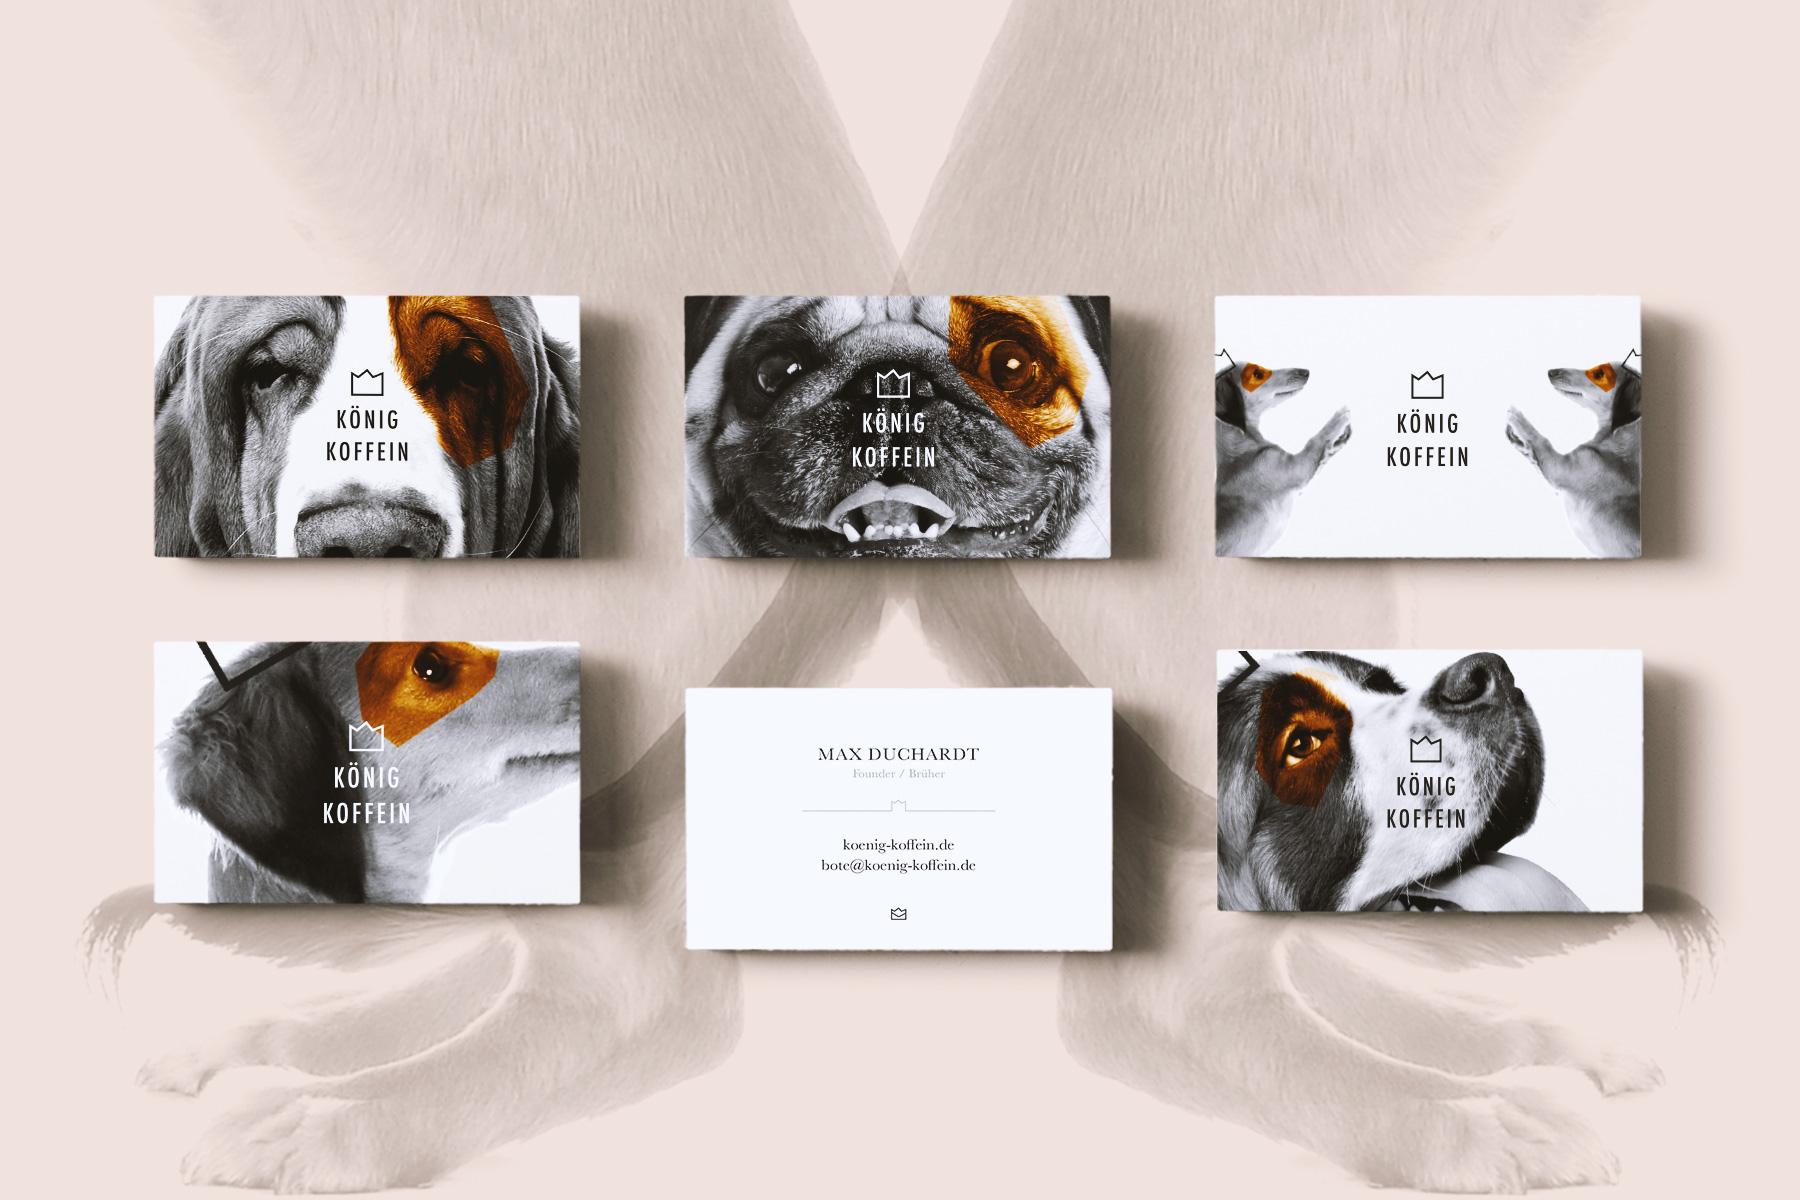 koenig-koffein-corporate-design-businesscards-by-max-duchardt